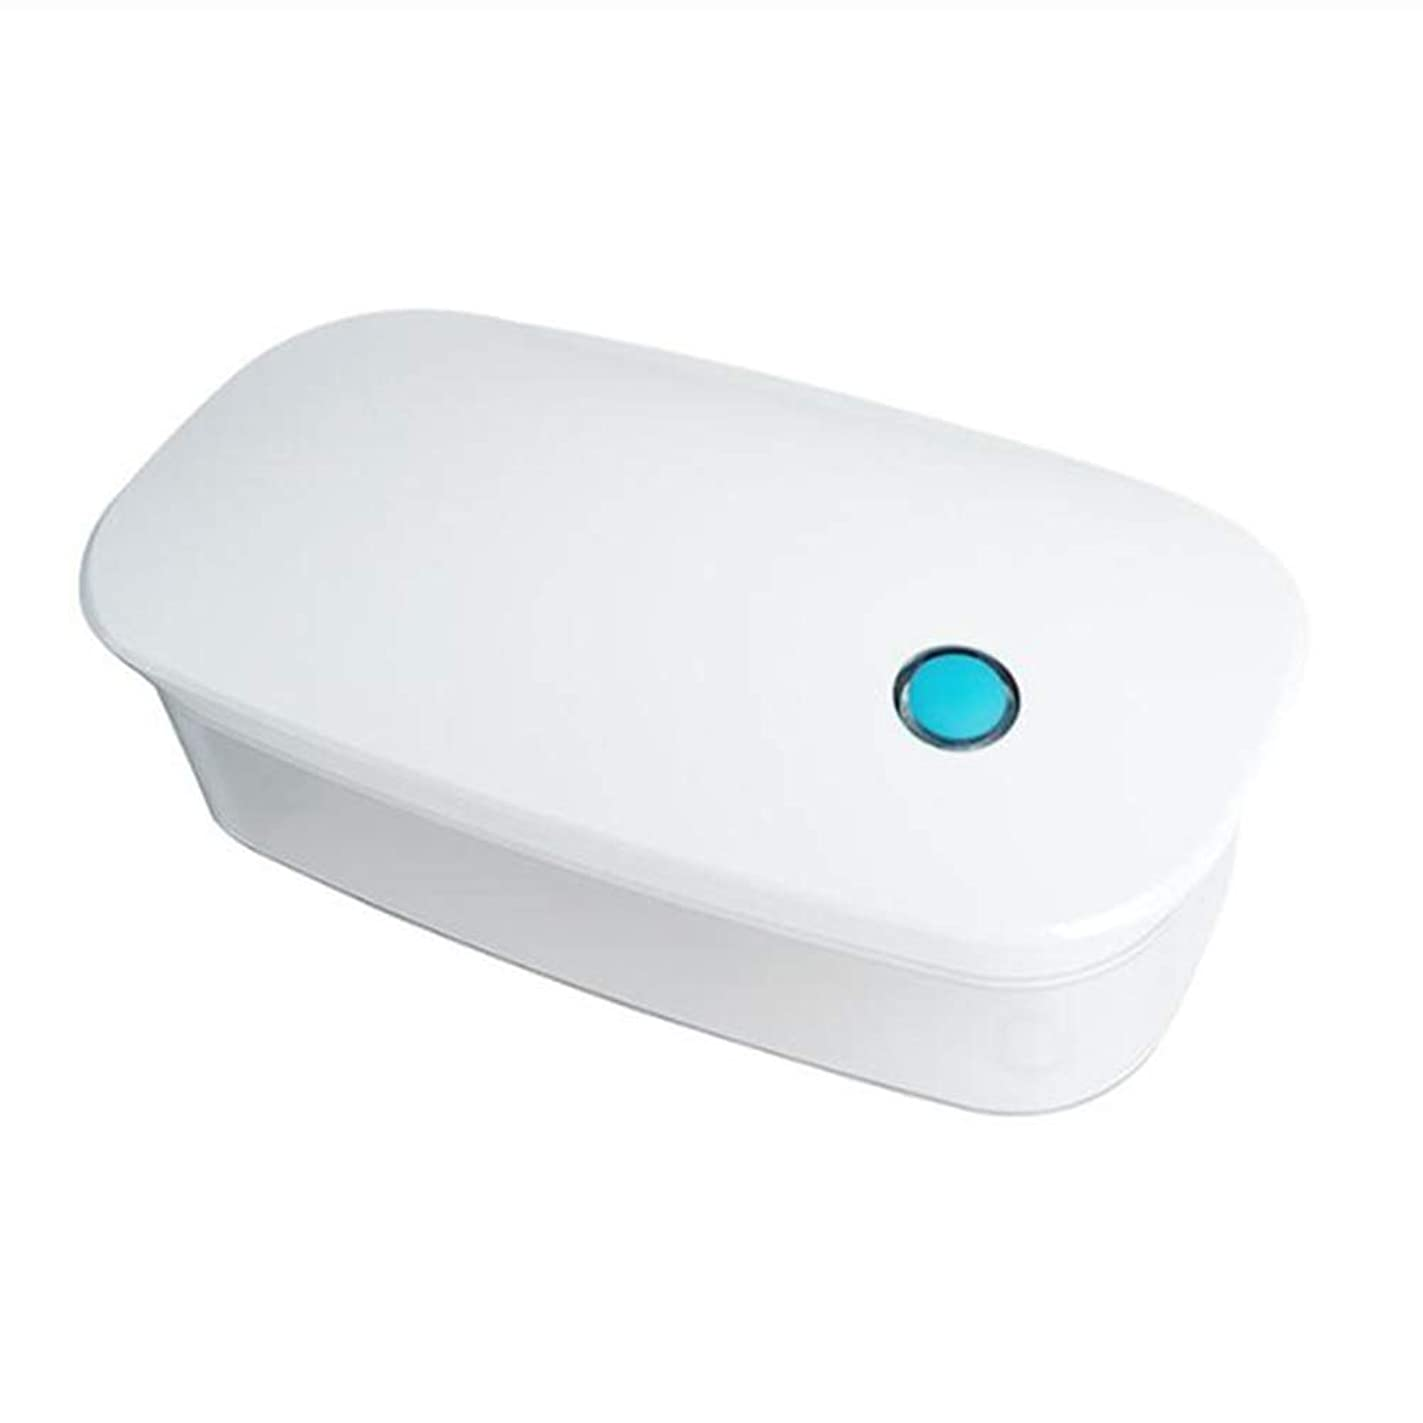 支援解体する非武装化SUPVOX UVコンタクトレンズクリーナーコンタクトレンズ滅菌ケース